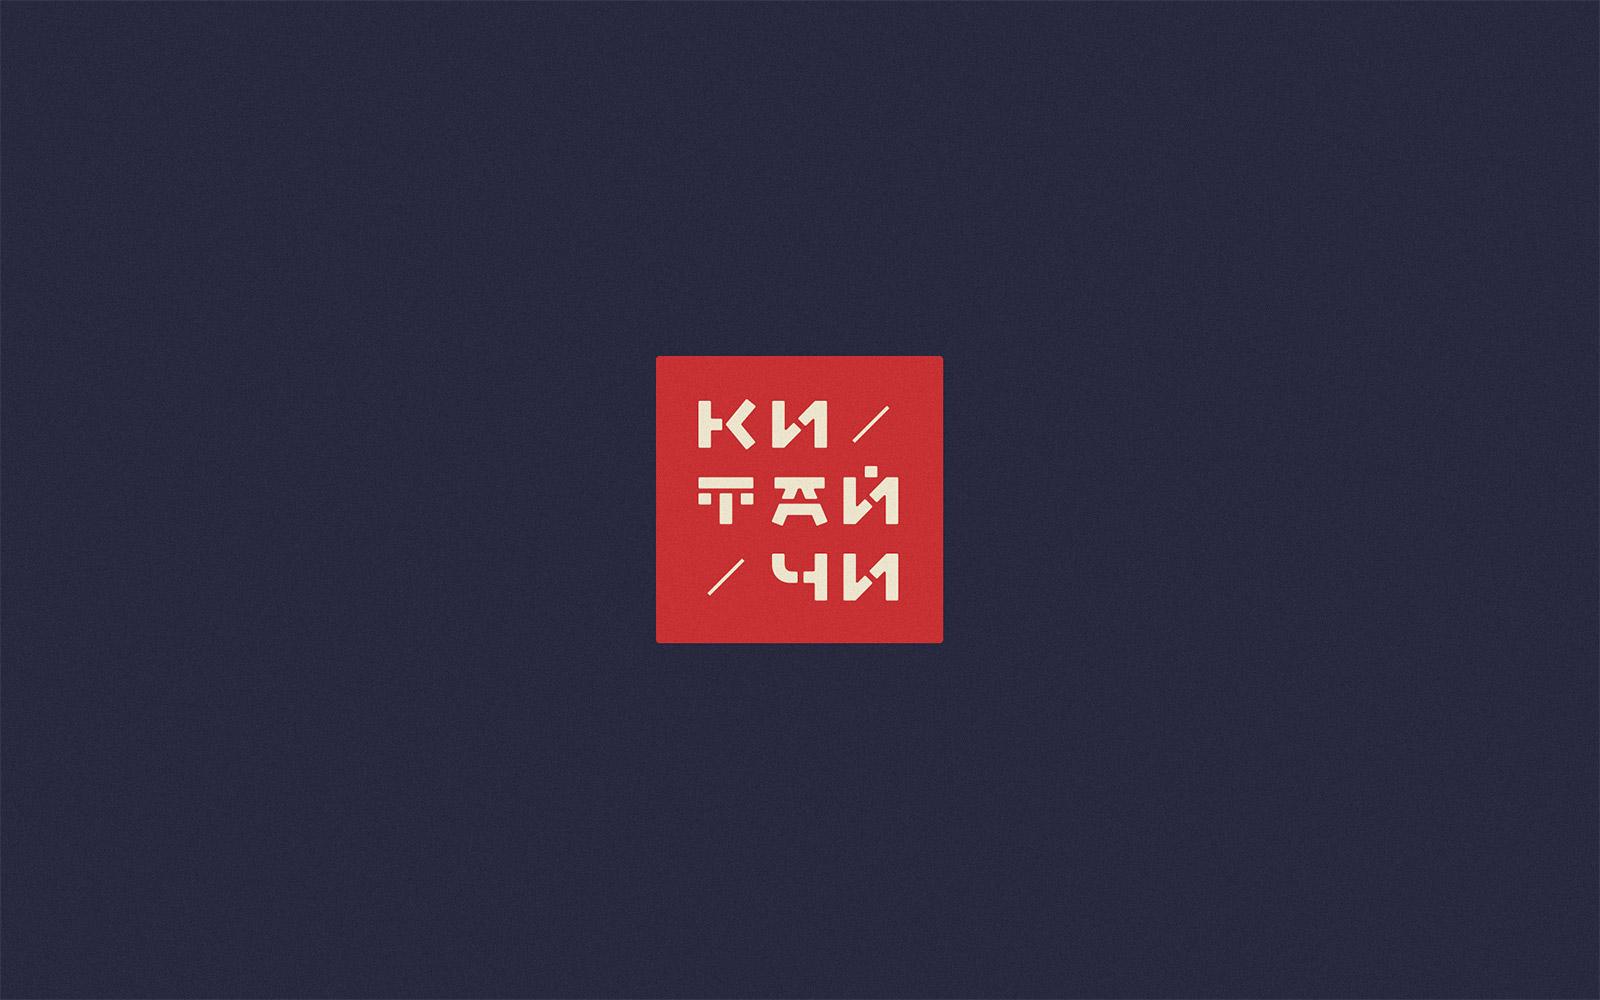 KTCH_1_preview_01